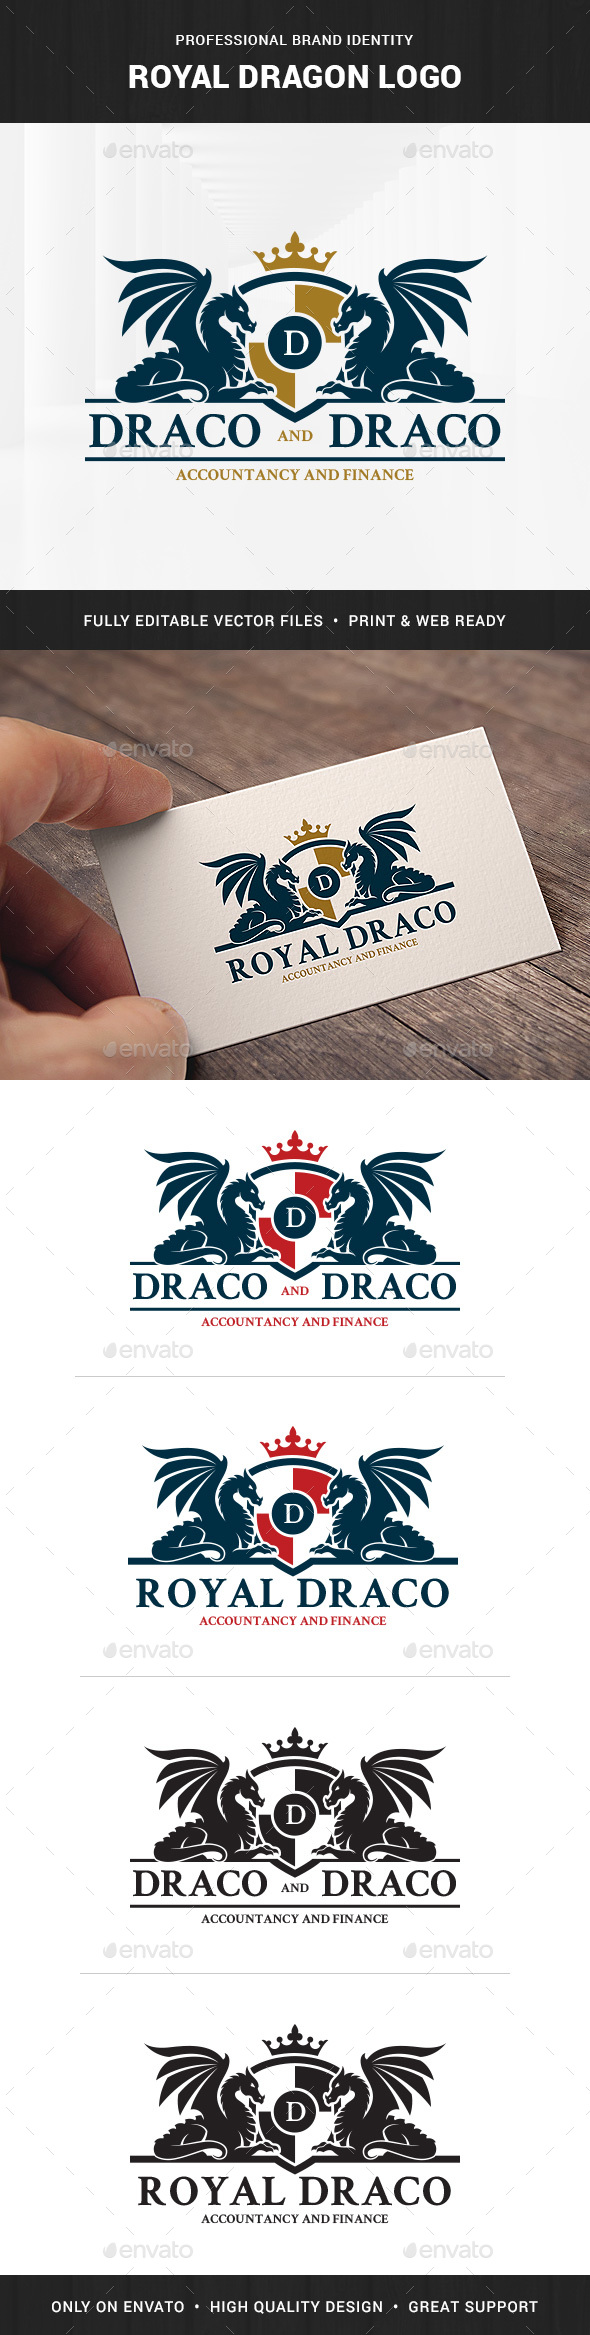 Royal Dragon Logo Template